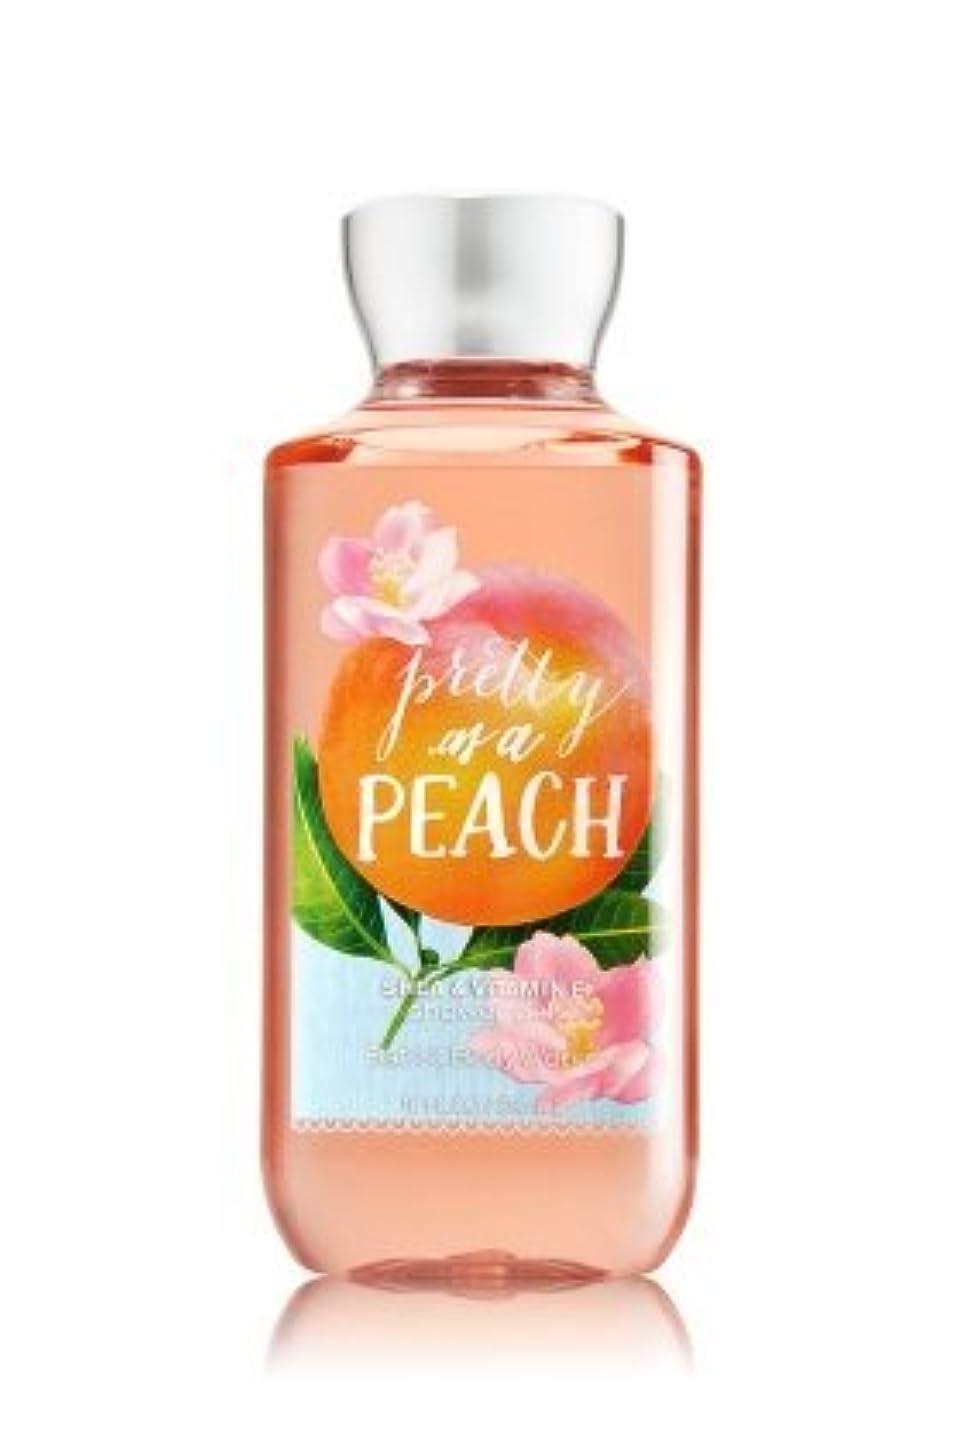 やさしい協定管理【Bath&Body Works/バス&ボディワークス】 シャワージェル プリティーアズアピーチ Shower Gel Pretty as a Peach 10 fl oz / 295 mL [並行輸入品]